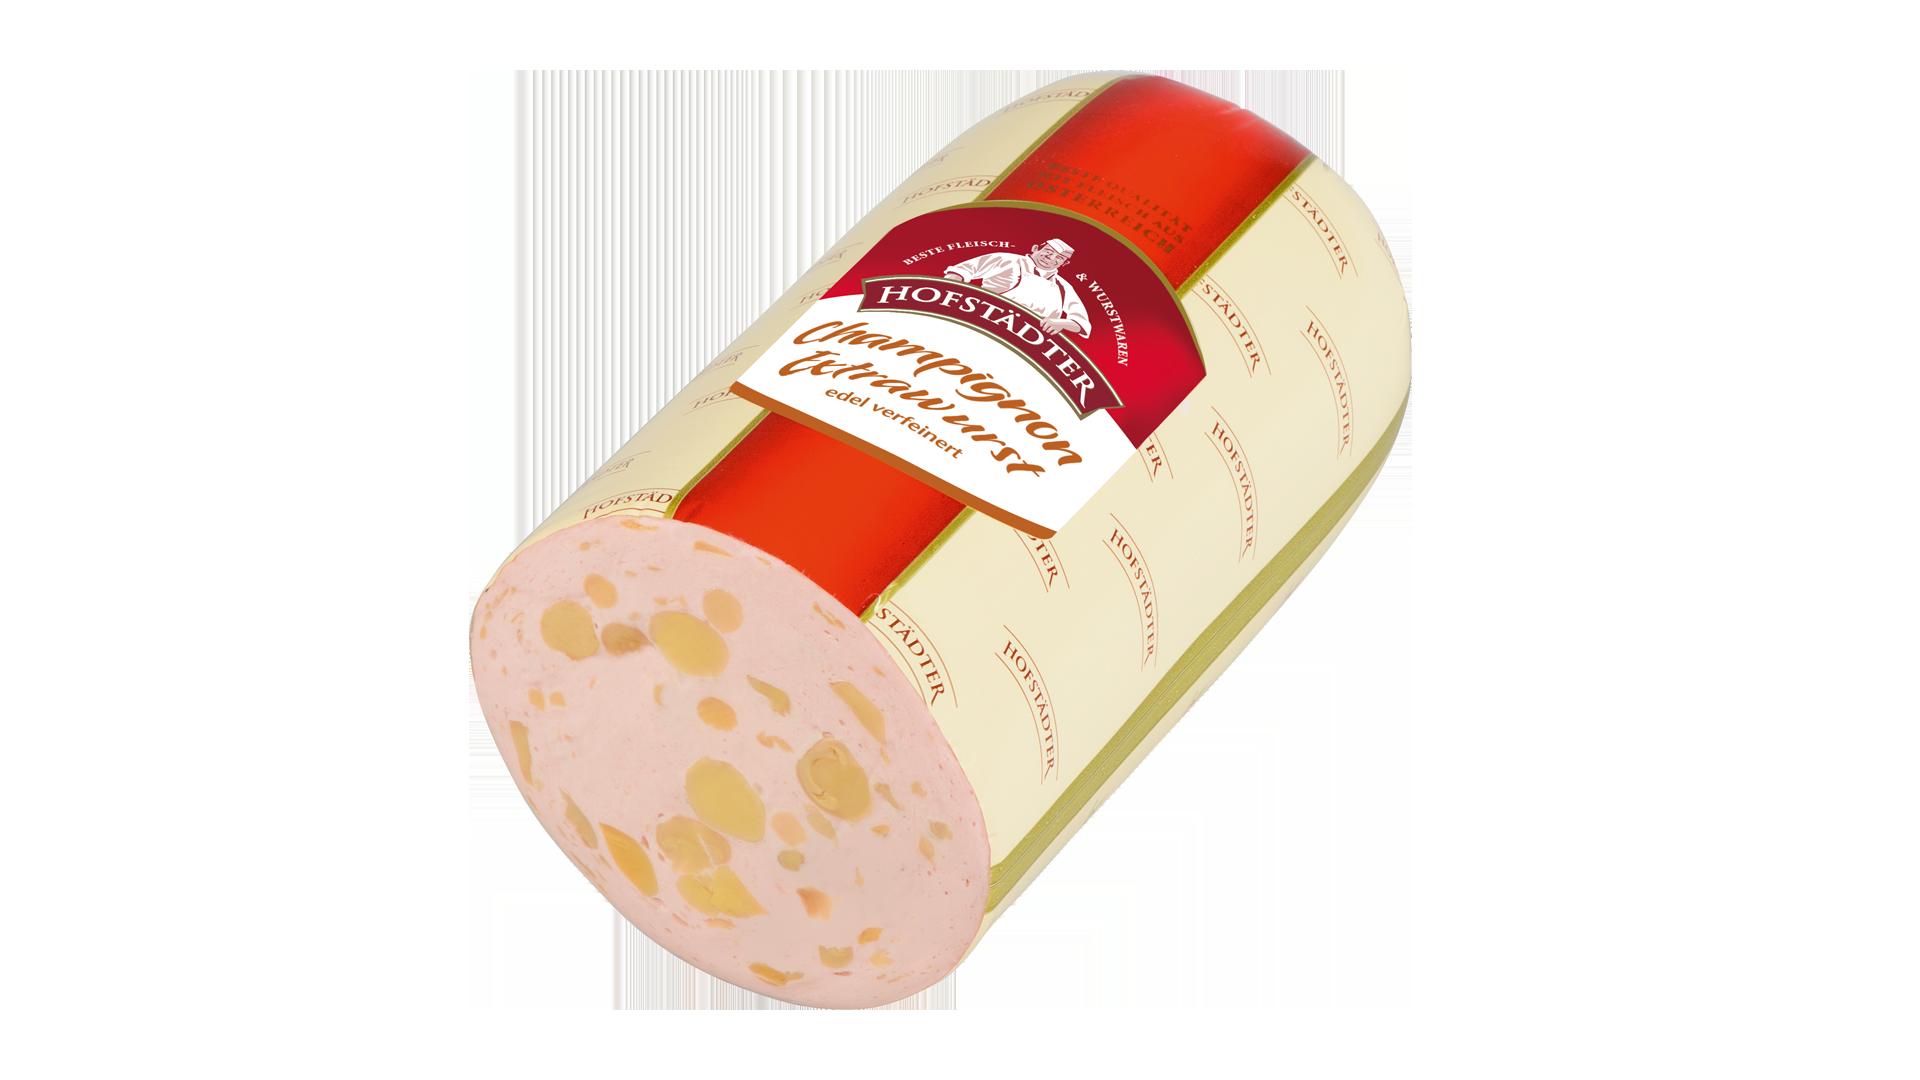 Hofstädter Champignonwurst